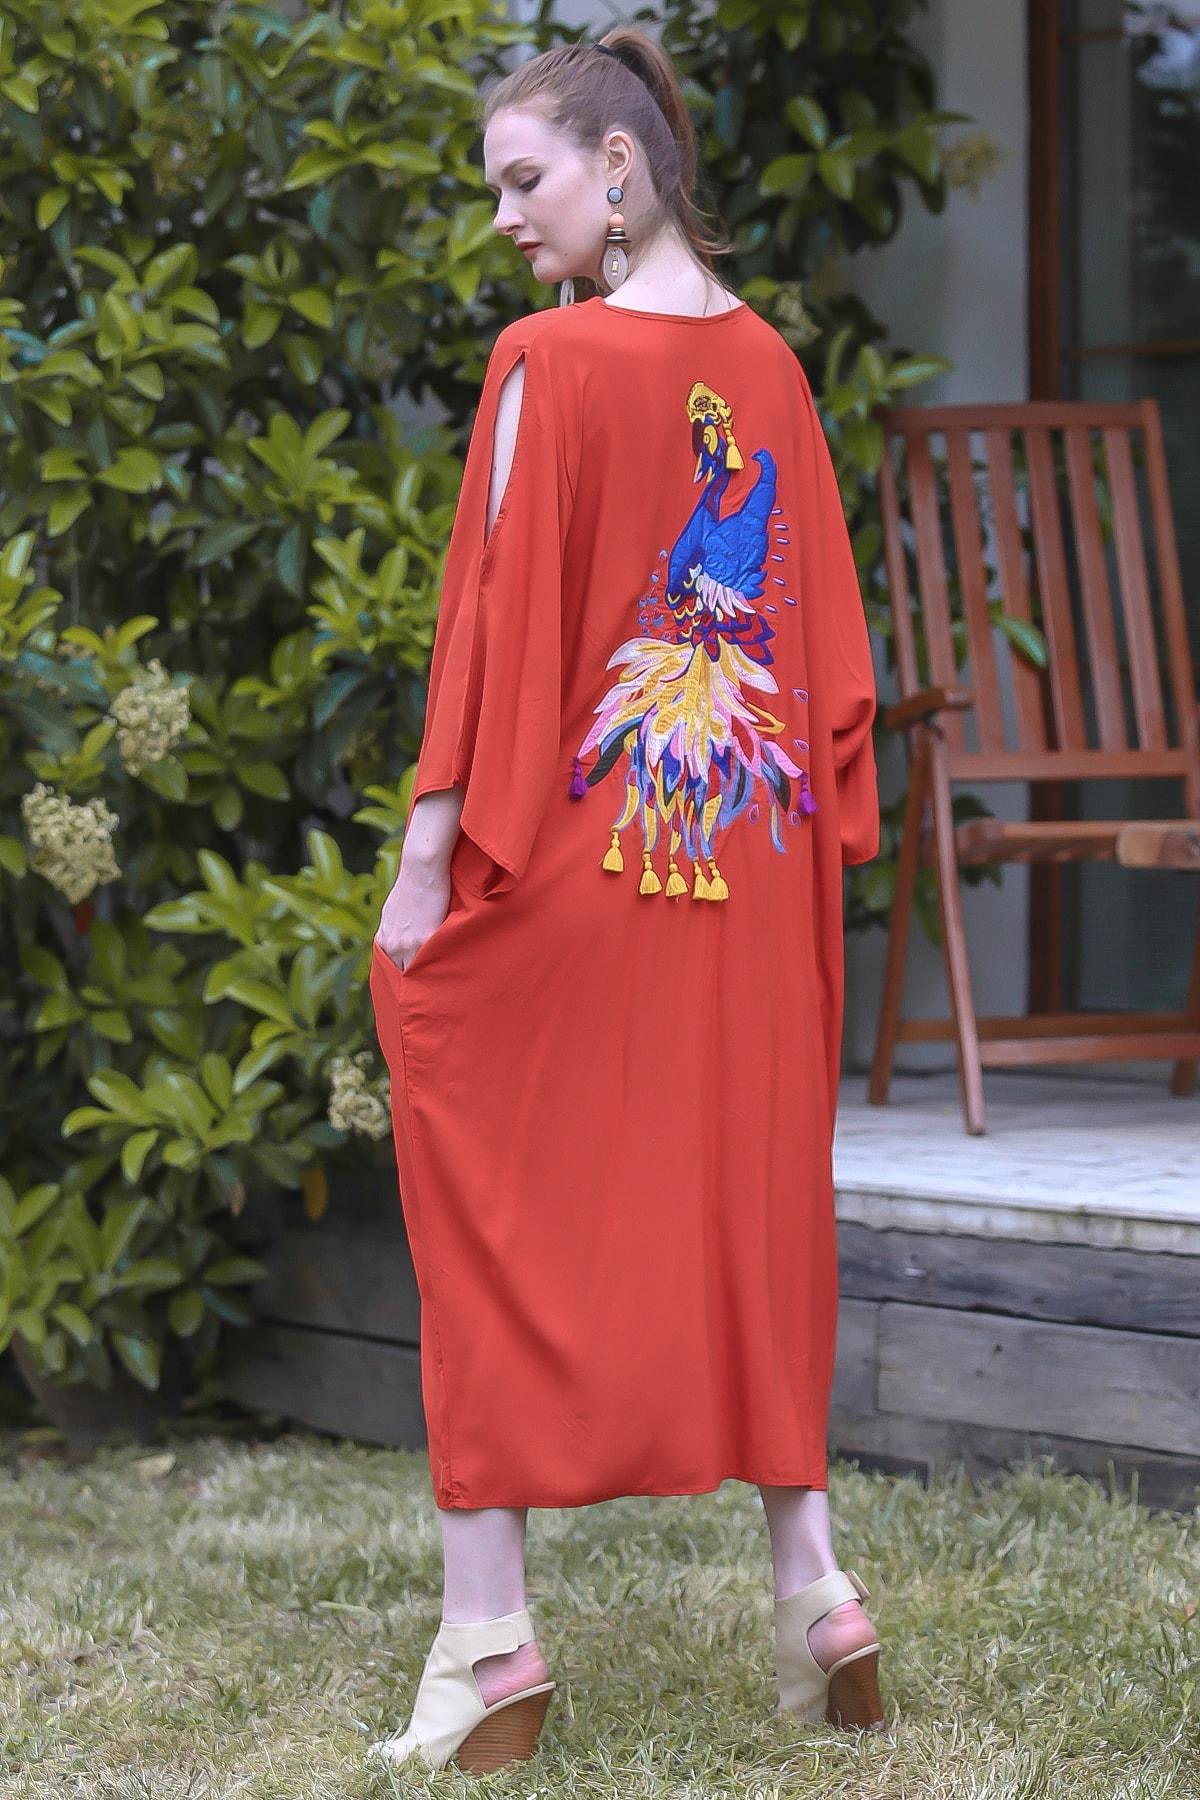 Chiccy Kadın Kiremit Sırtı Dev Tavus Kuşu Nakışlı Düğmeli Omuzları Pencereli Elbise M10160000EL94806